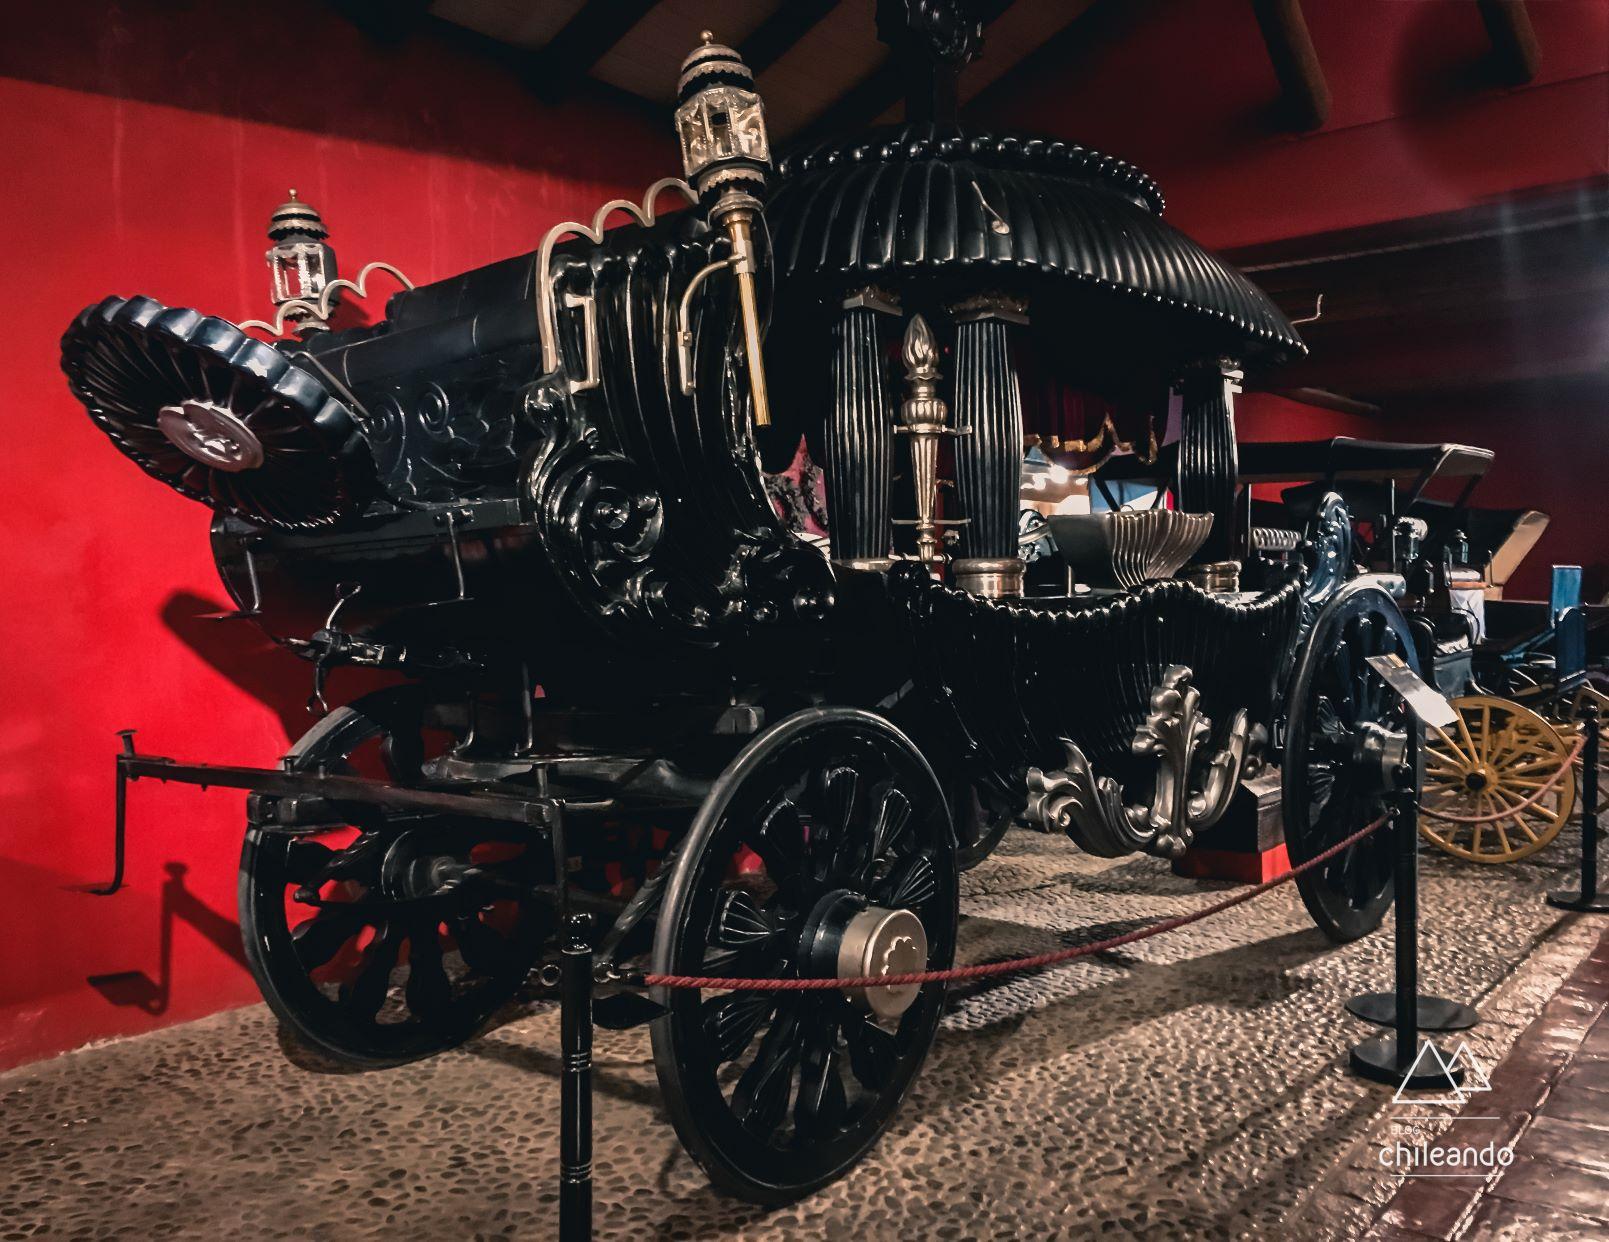 Área das carruagens no Museu Colchagua